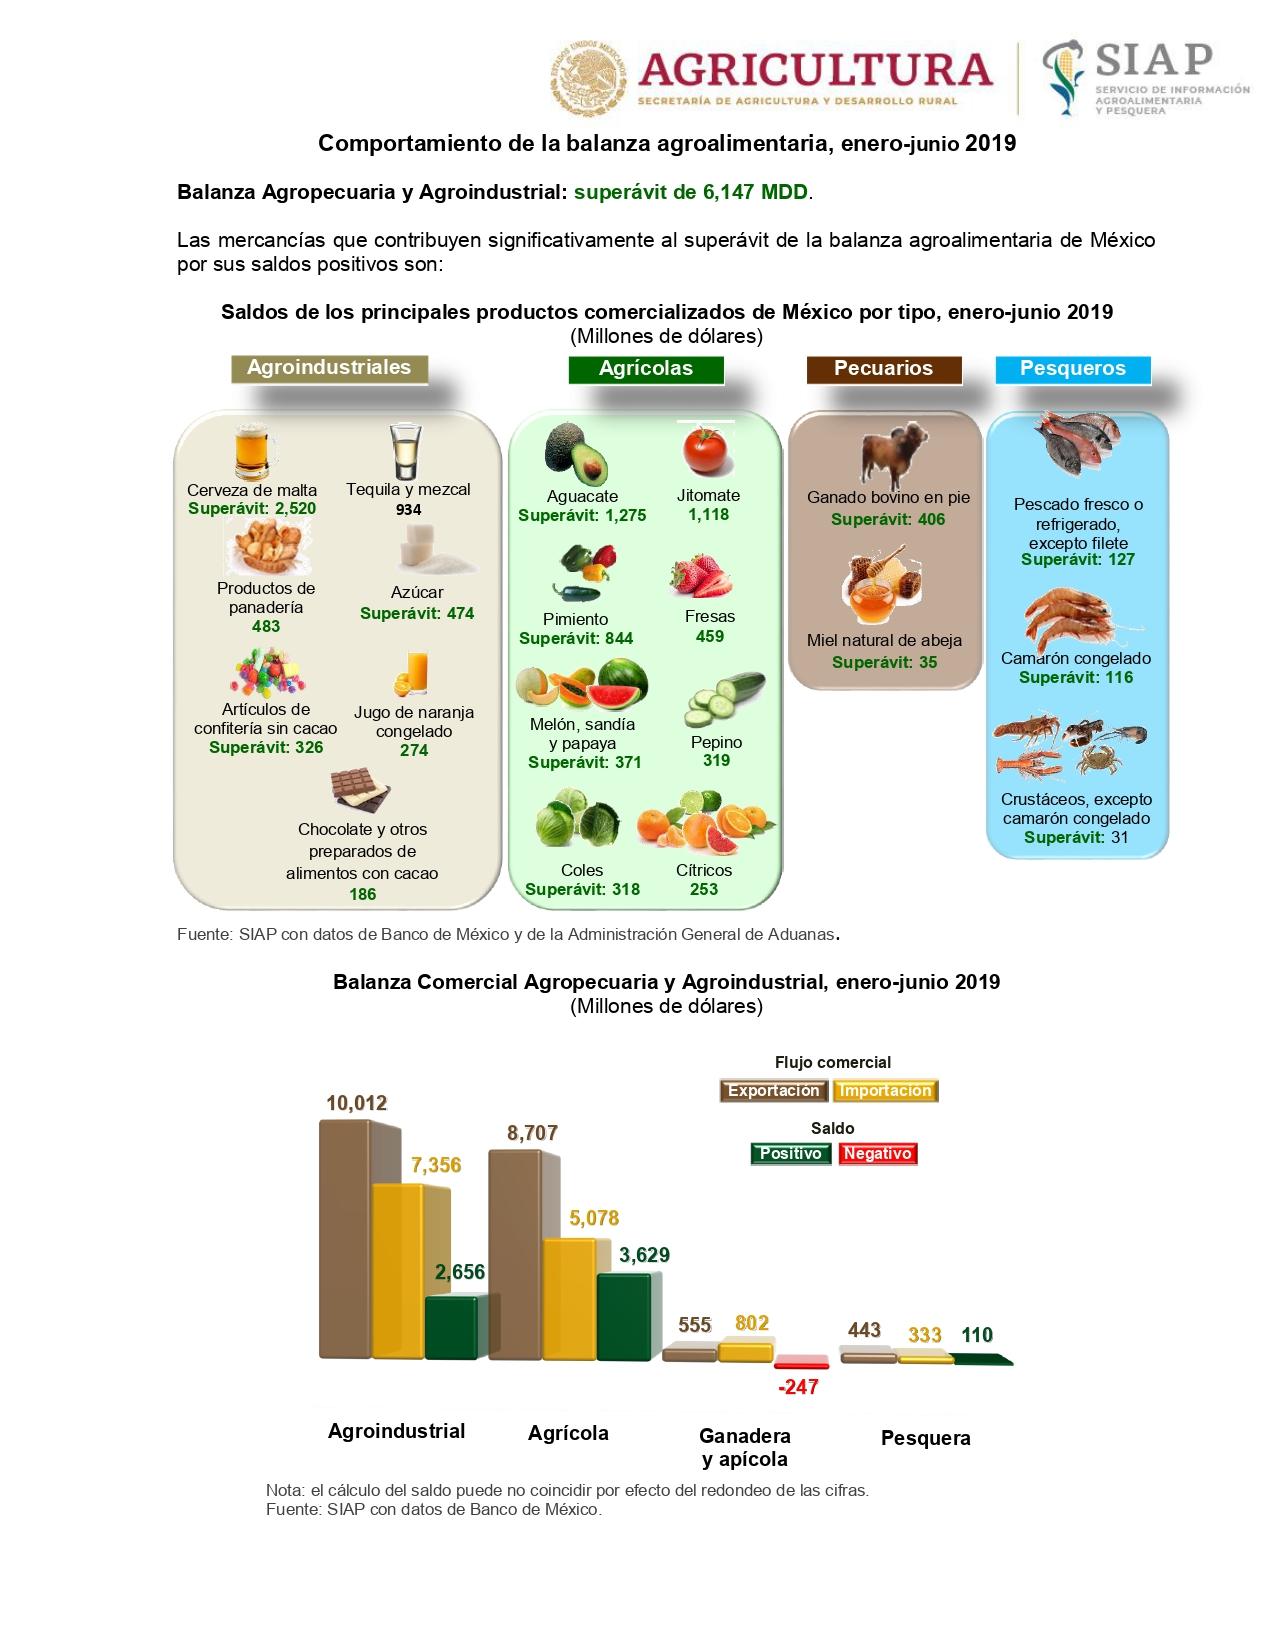 Sader presume alza en exportaciones agrícolas: 'el más alto desde hace 27 años'